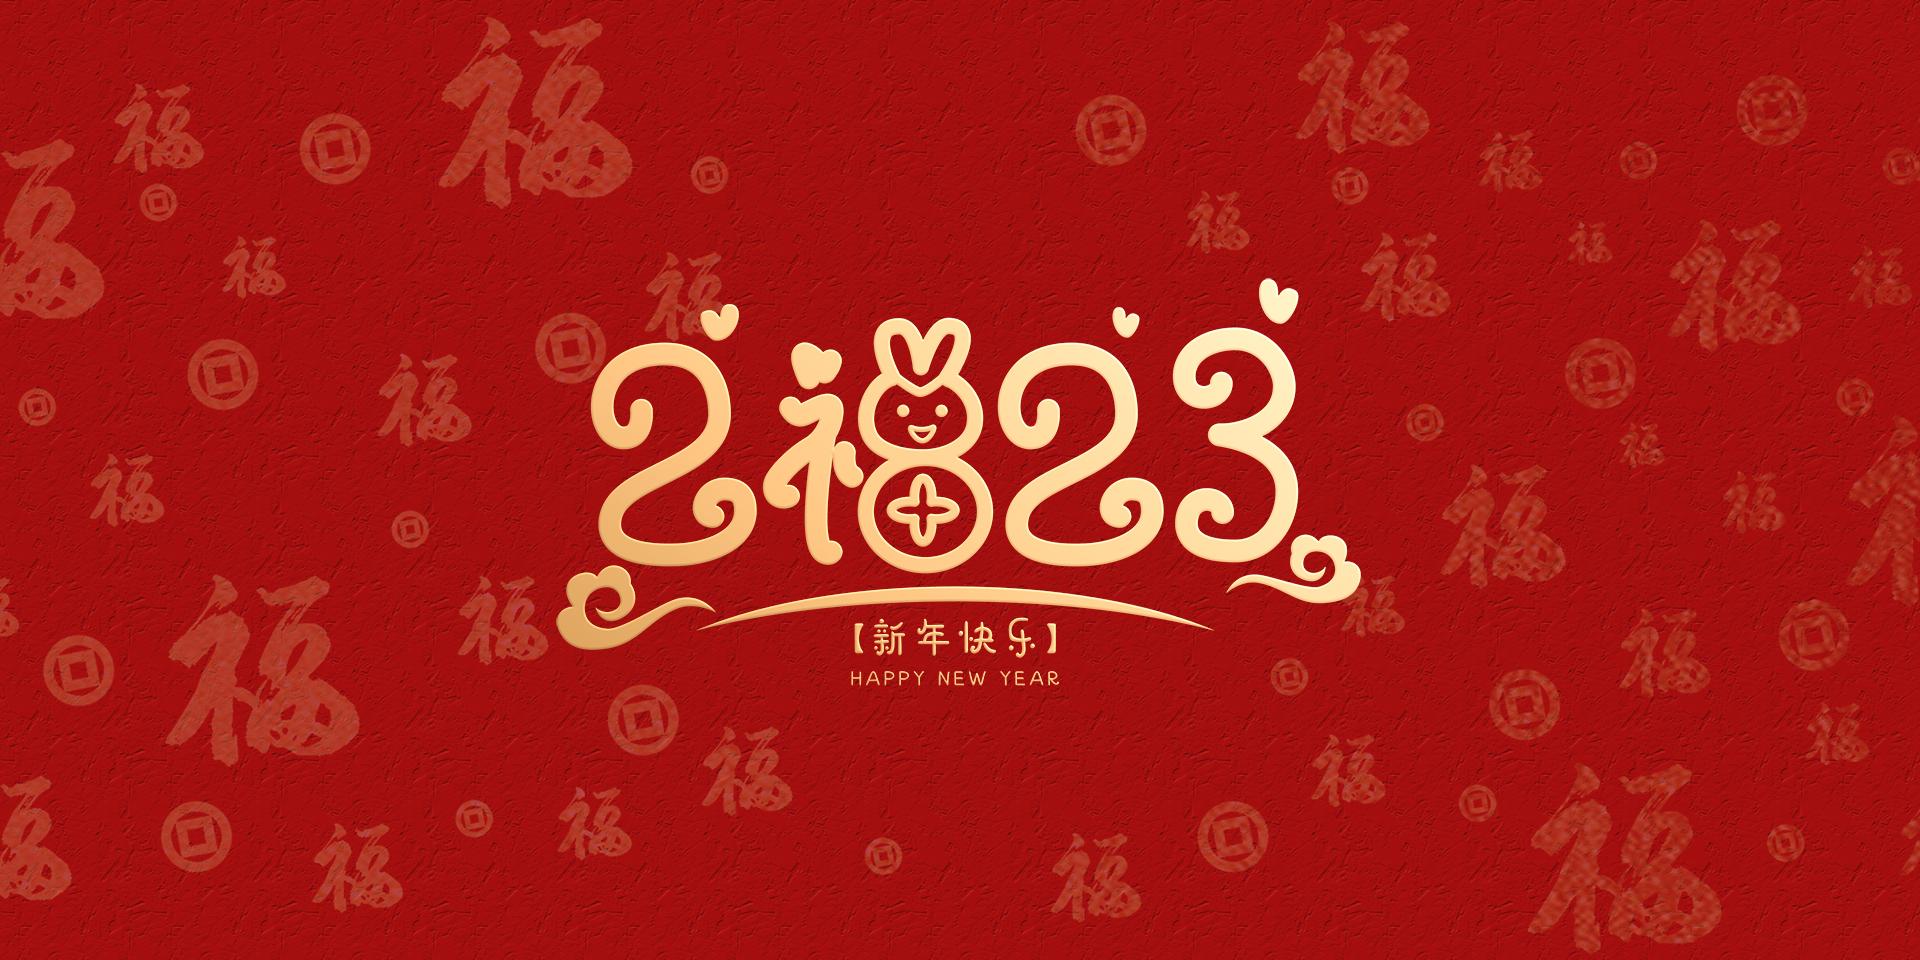 2019亚搏官网 官方平台装饰、杭州亚搏官网 官方平台装饰工程有限公司